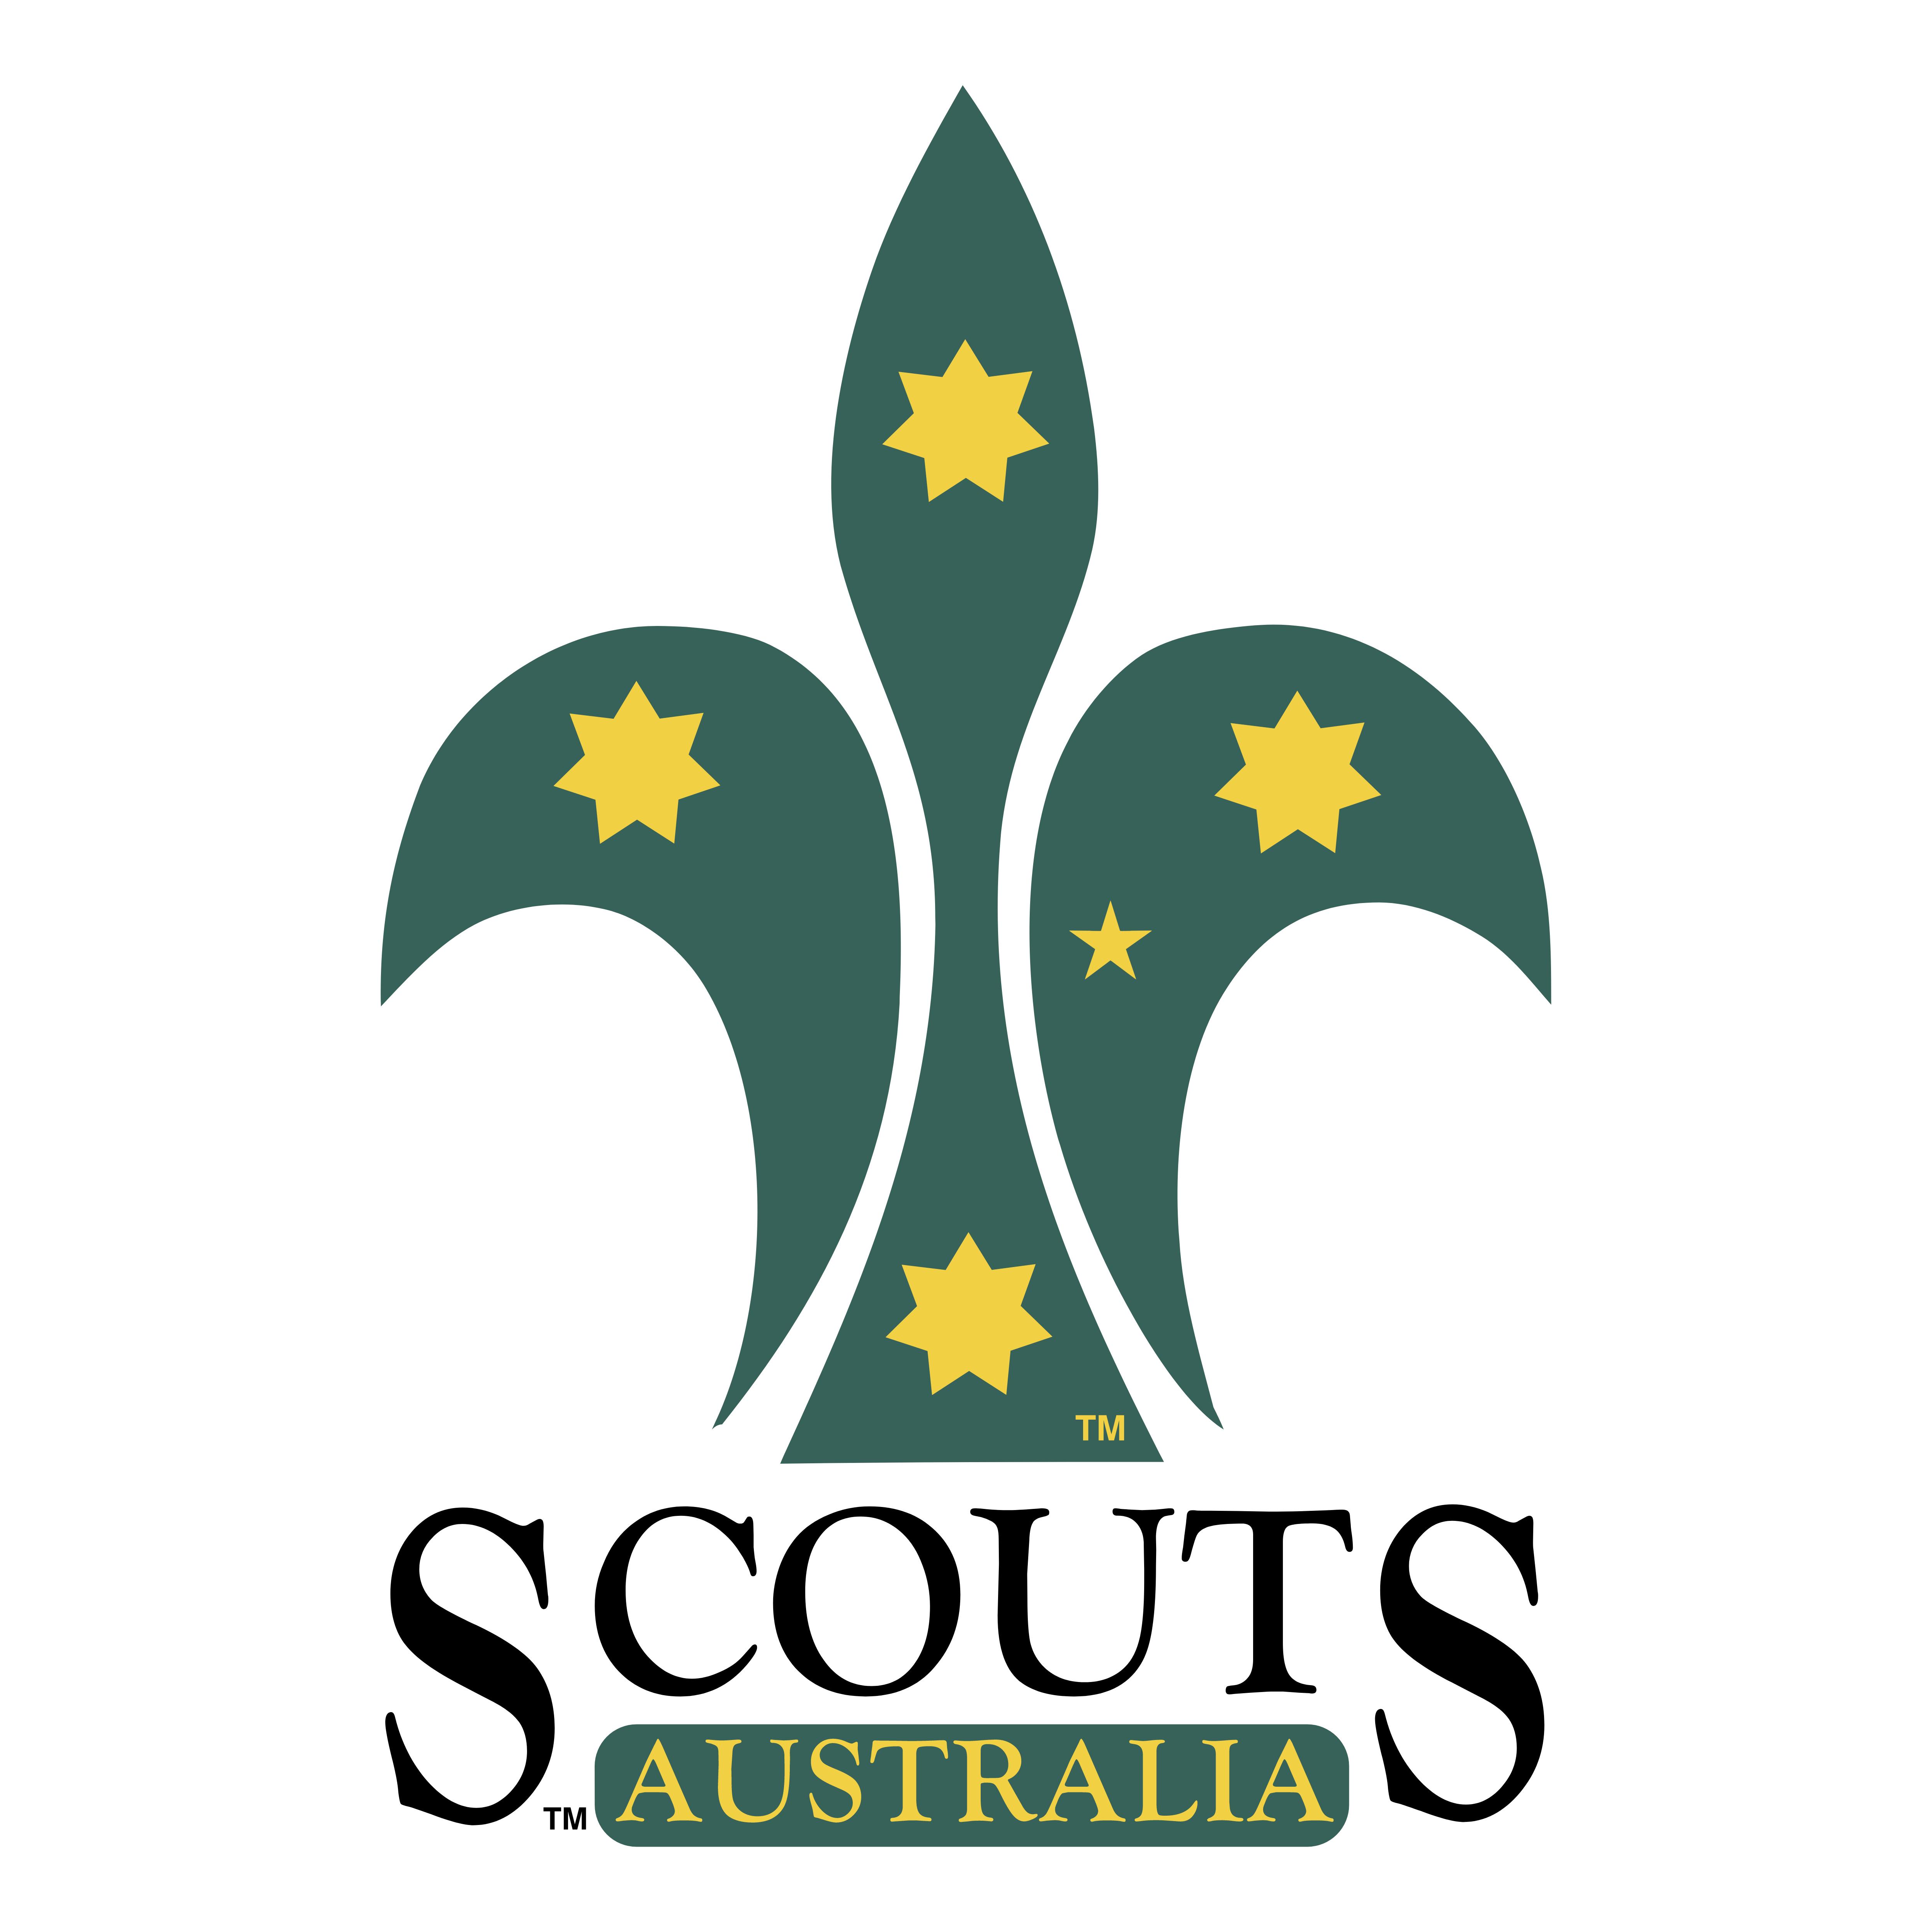 Scouts Australia - Logos Download